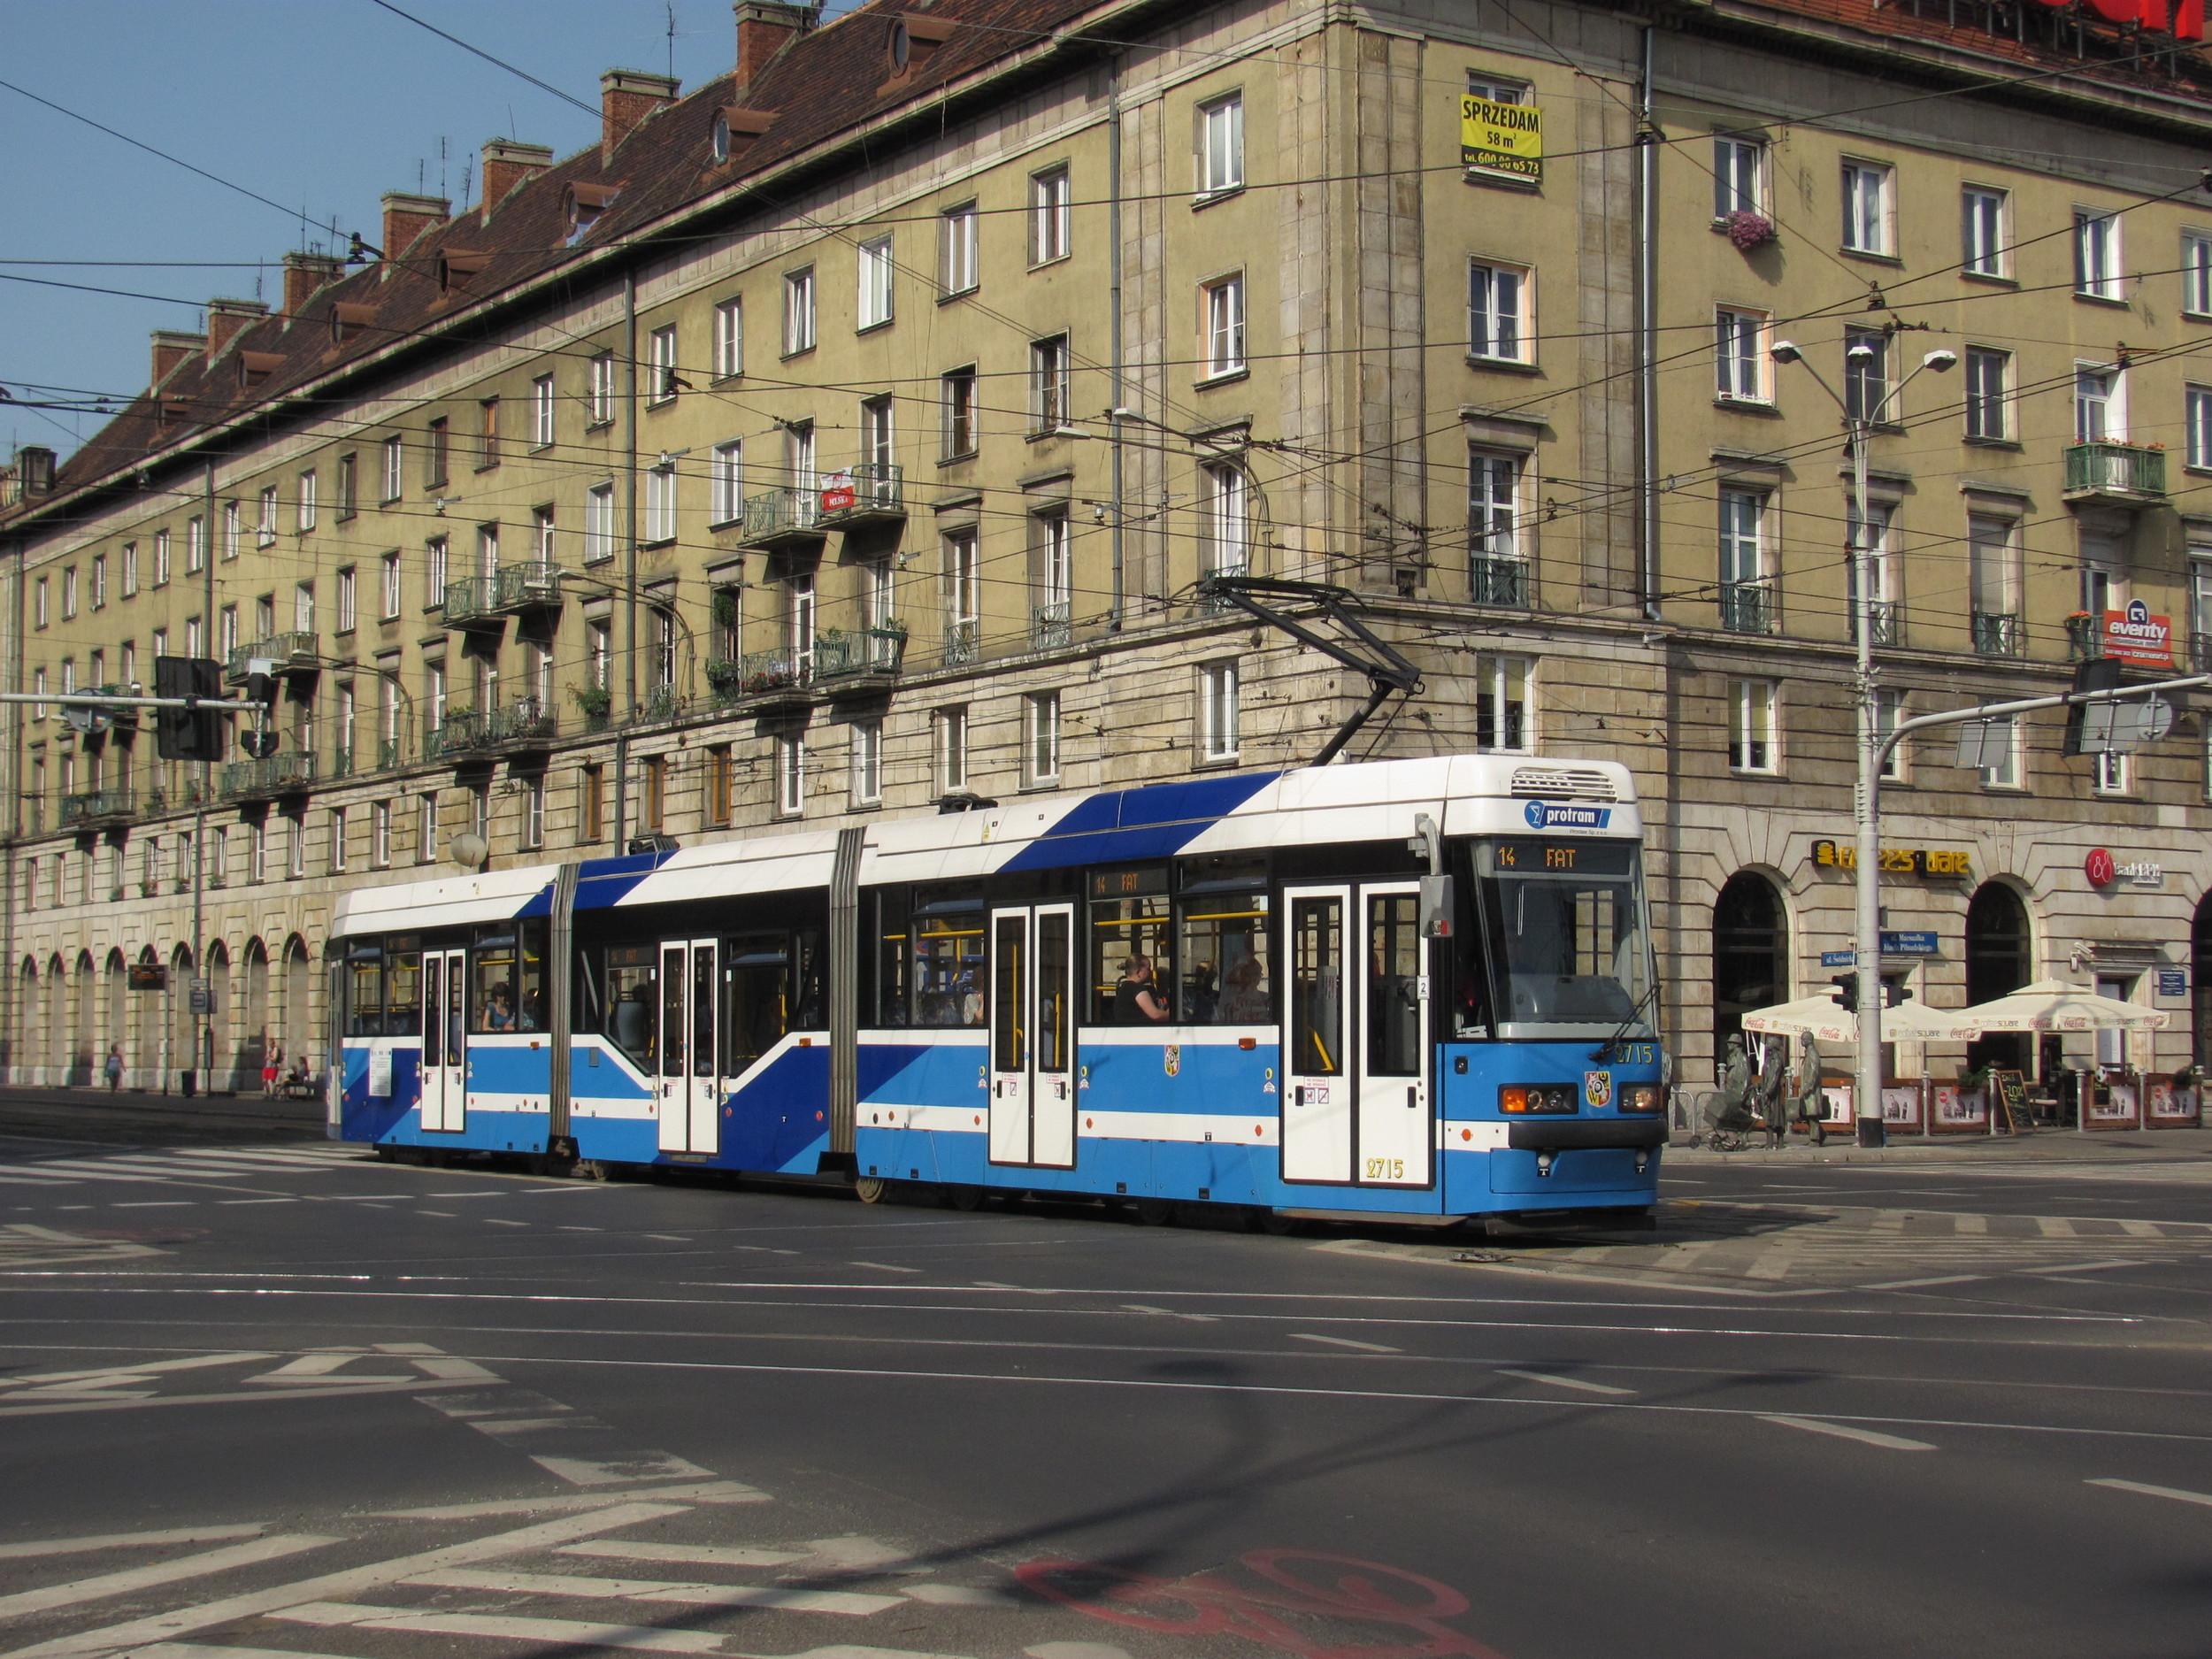 Produkci závodu tvořily od počátku hlavně dodávky pro MPK Wrocław. Na snímku je vůz PROTRAM 205 WRAS. (Ing. Filip Jiřík)